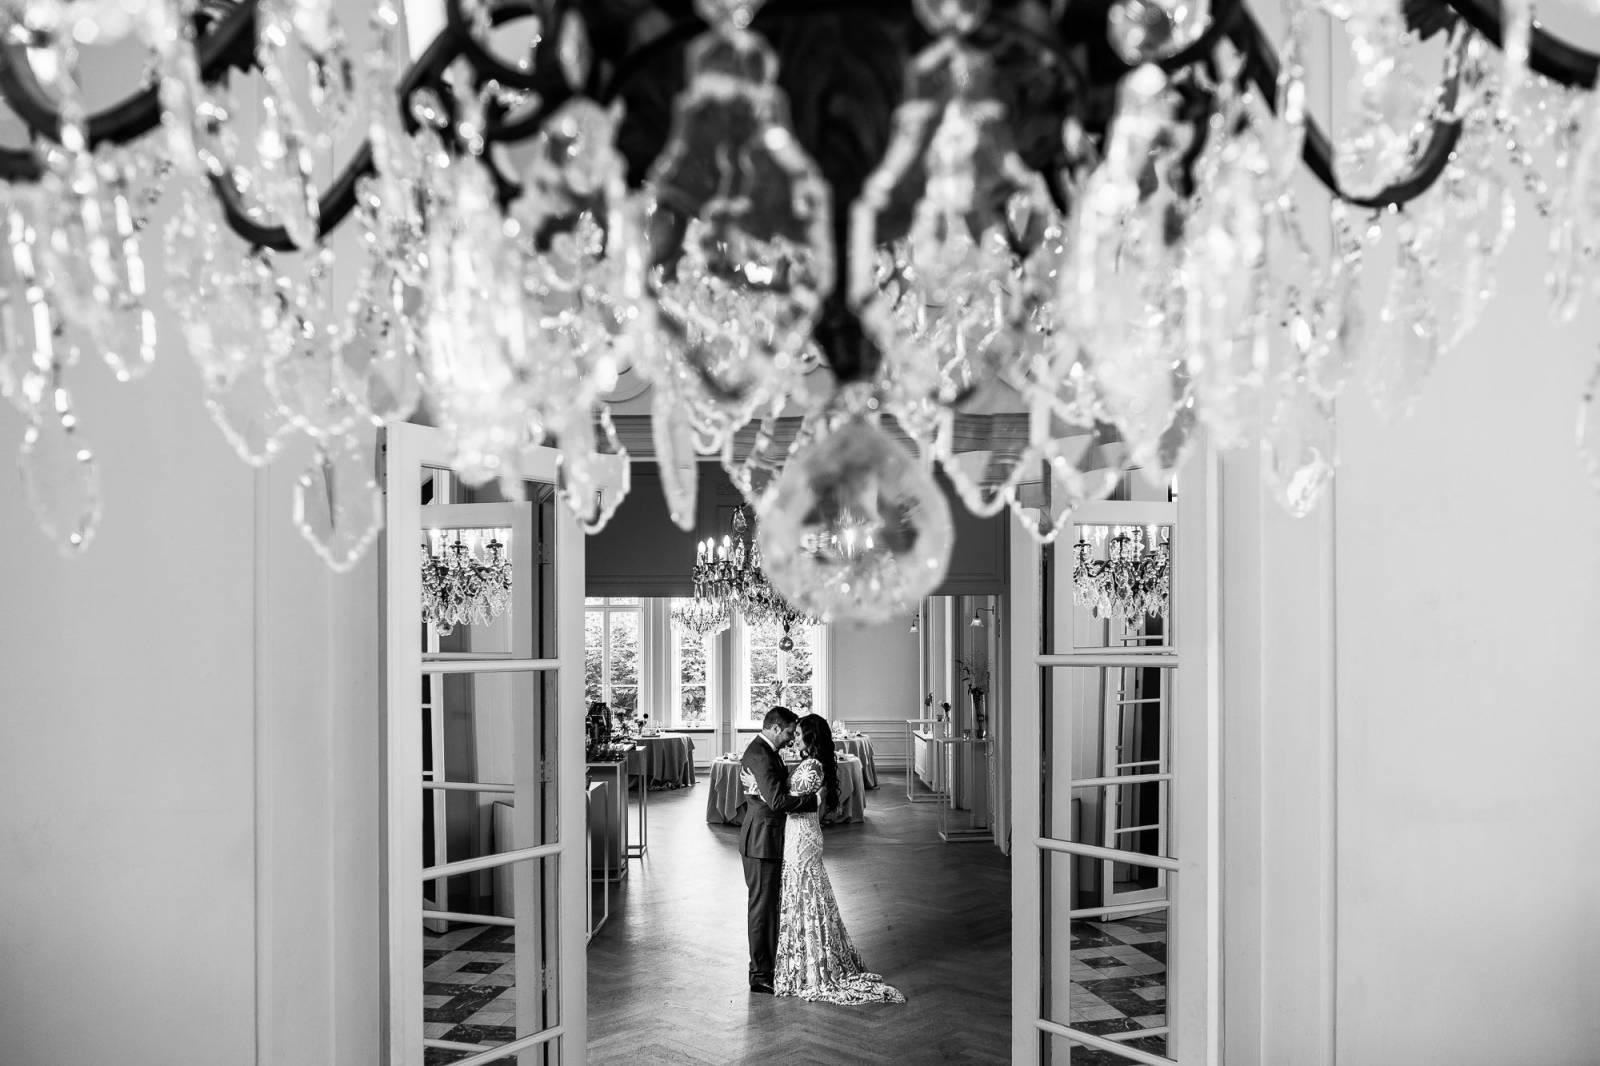 Jonas De Gent - Huwelijksfotograaf - House of Weddings - 18